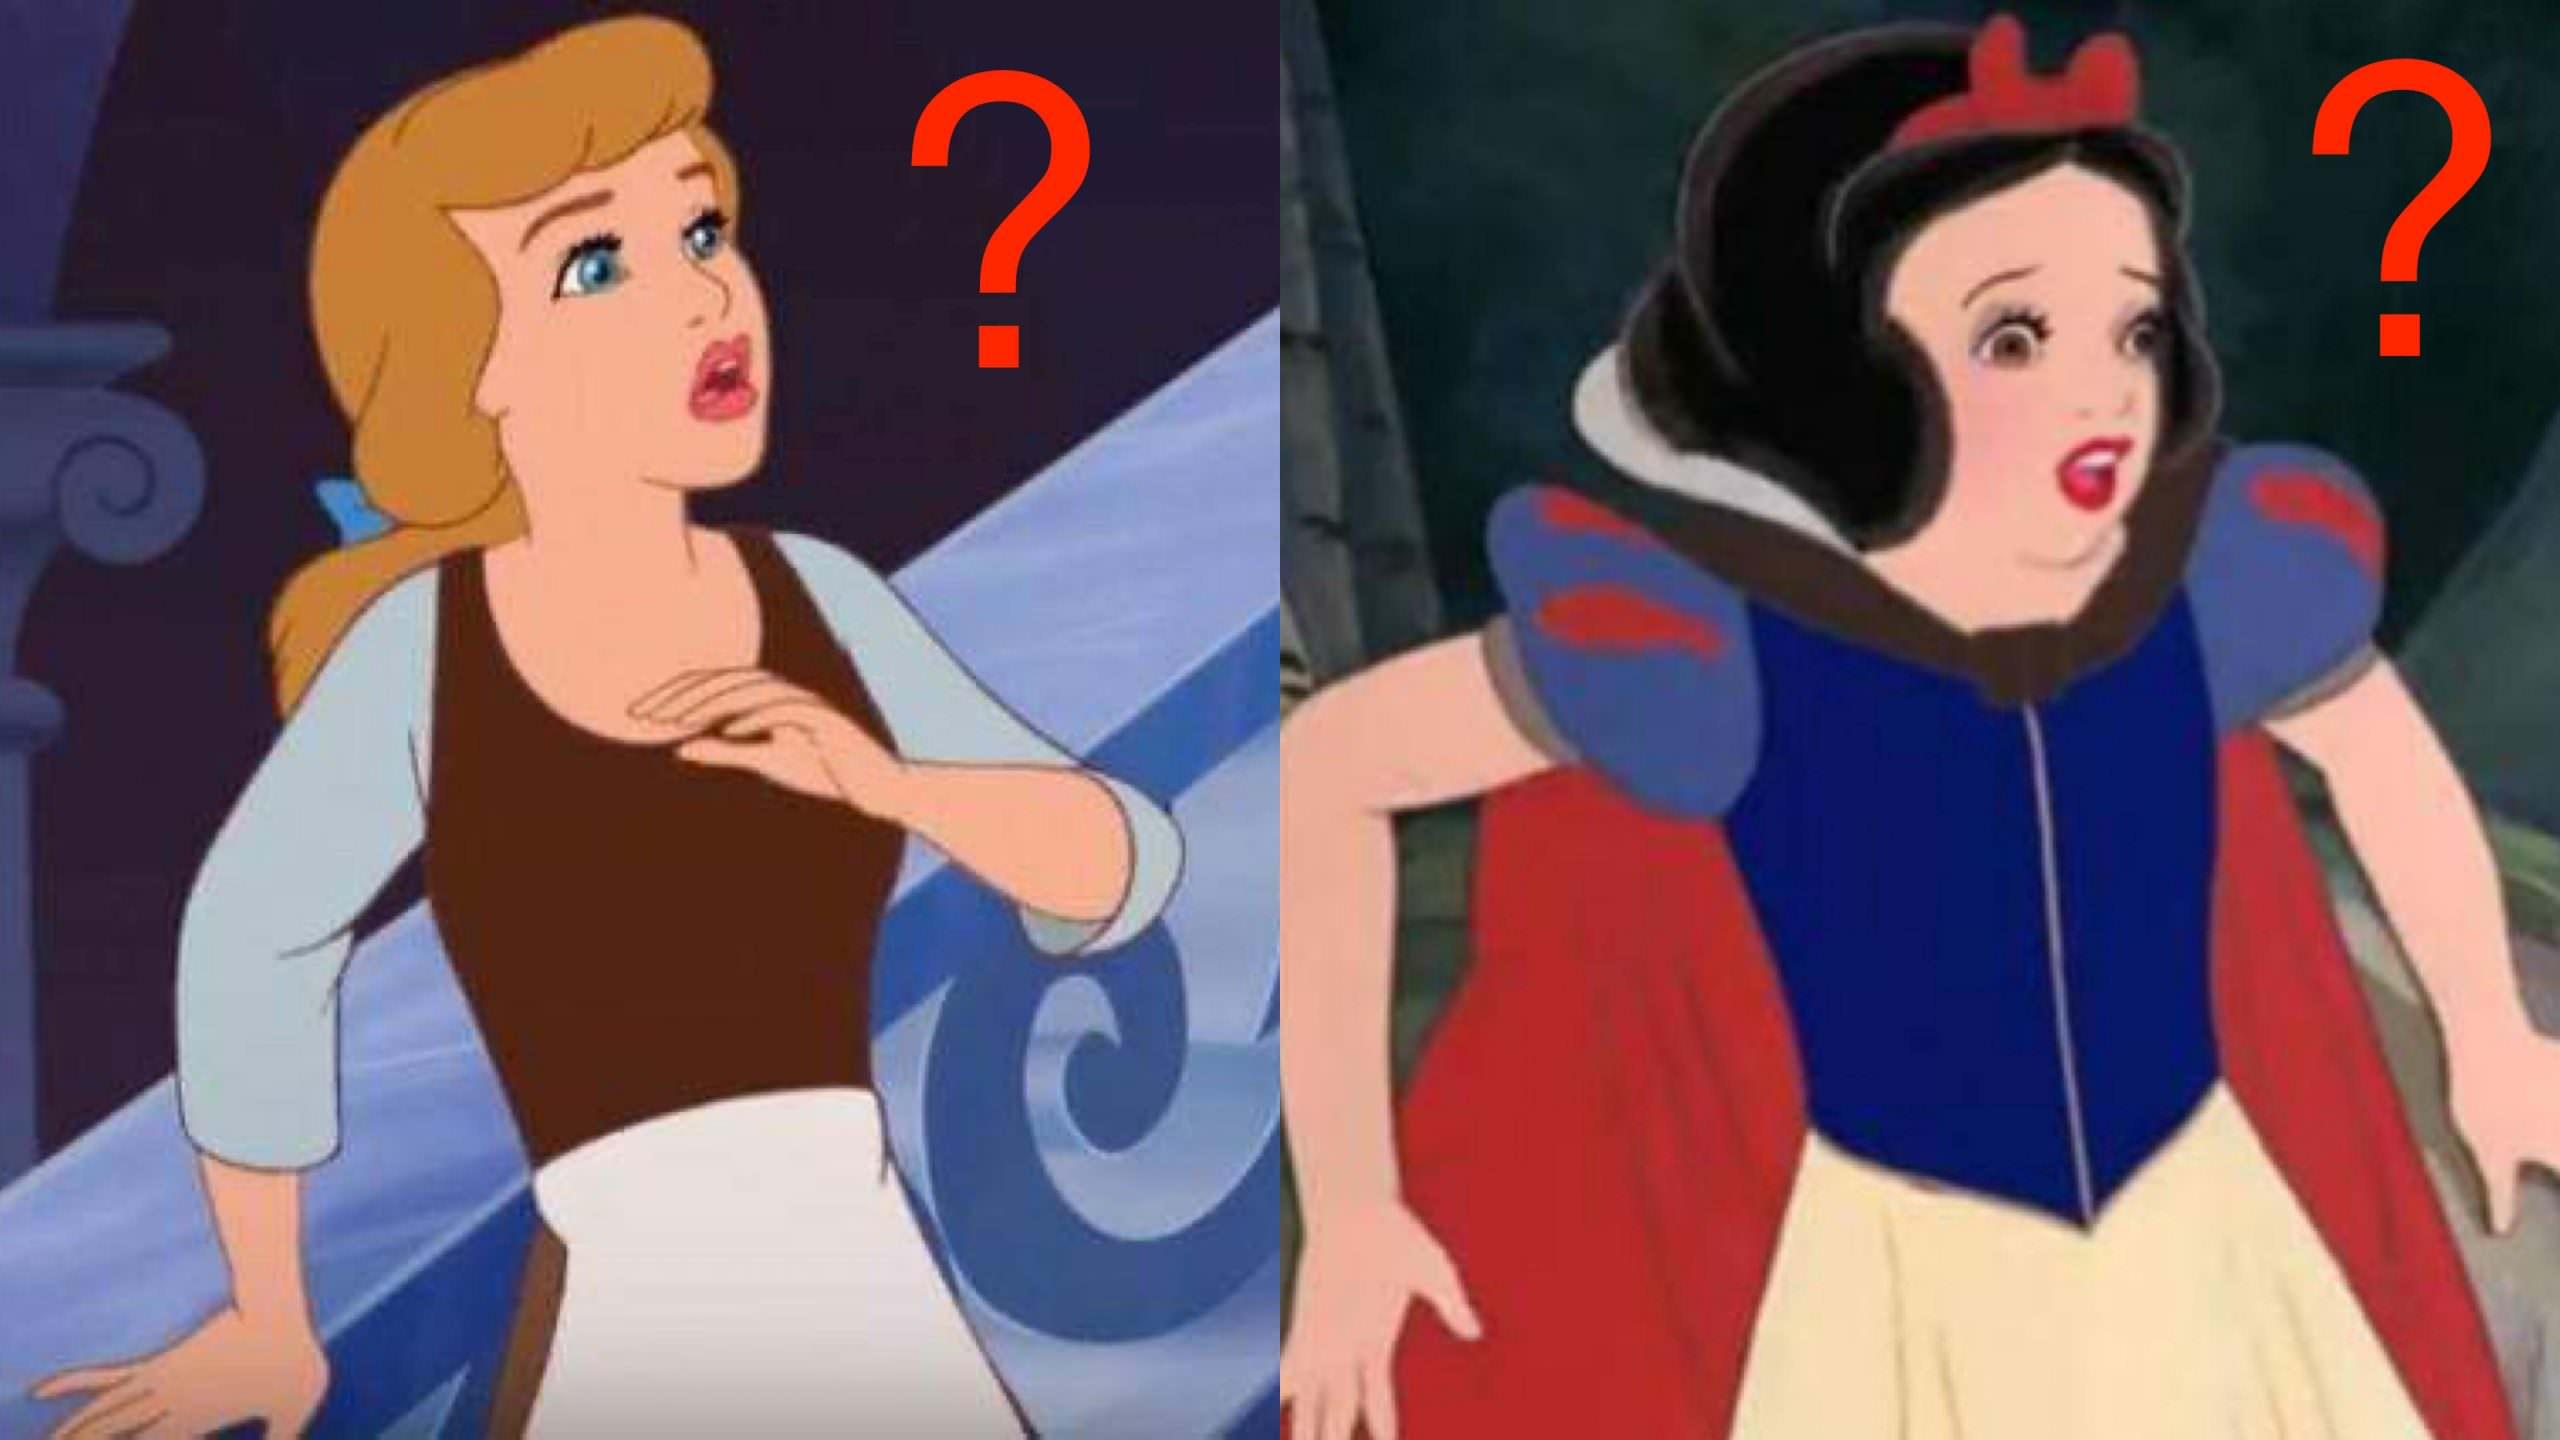 多數迪士尼公主都「缺少一個身體部位」,就連白雪公主和小美人魚也沒有! – 動漫的故事